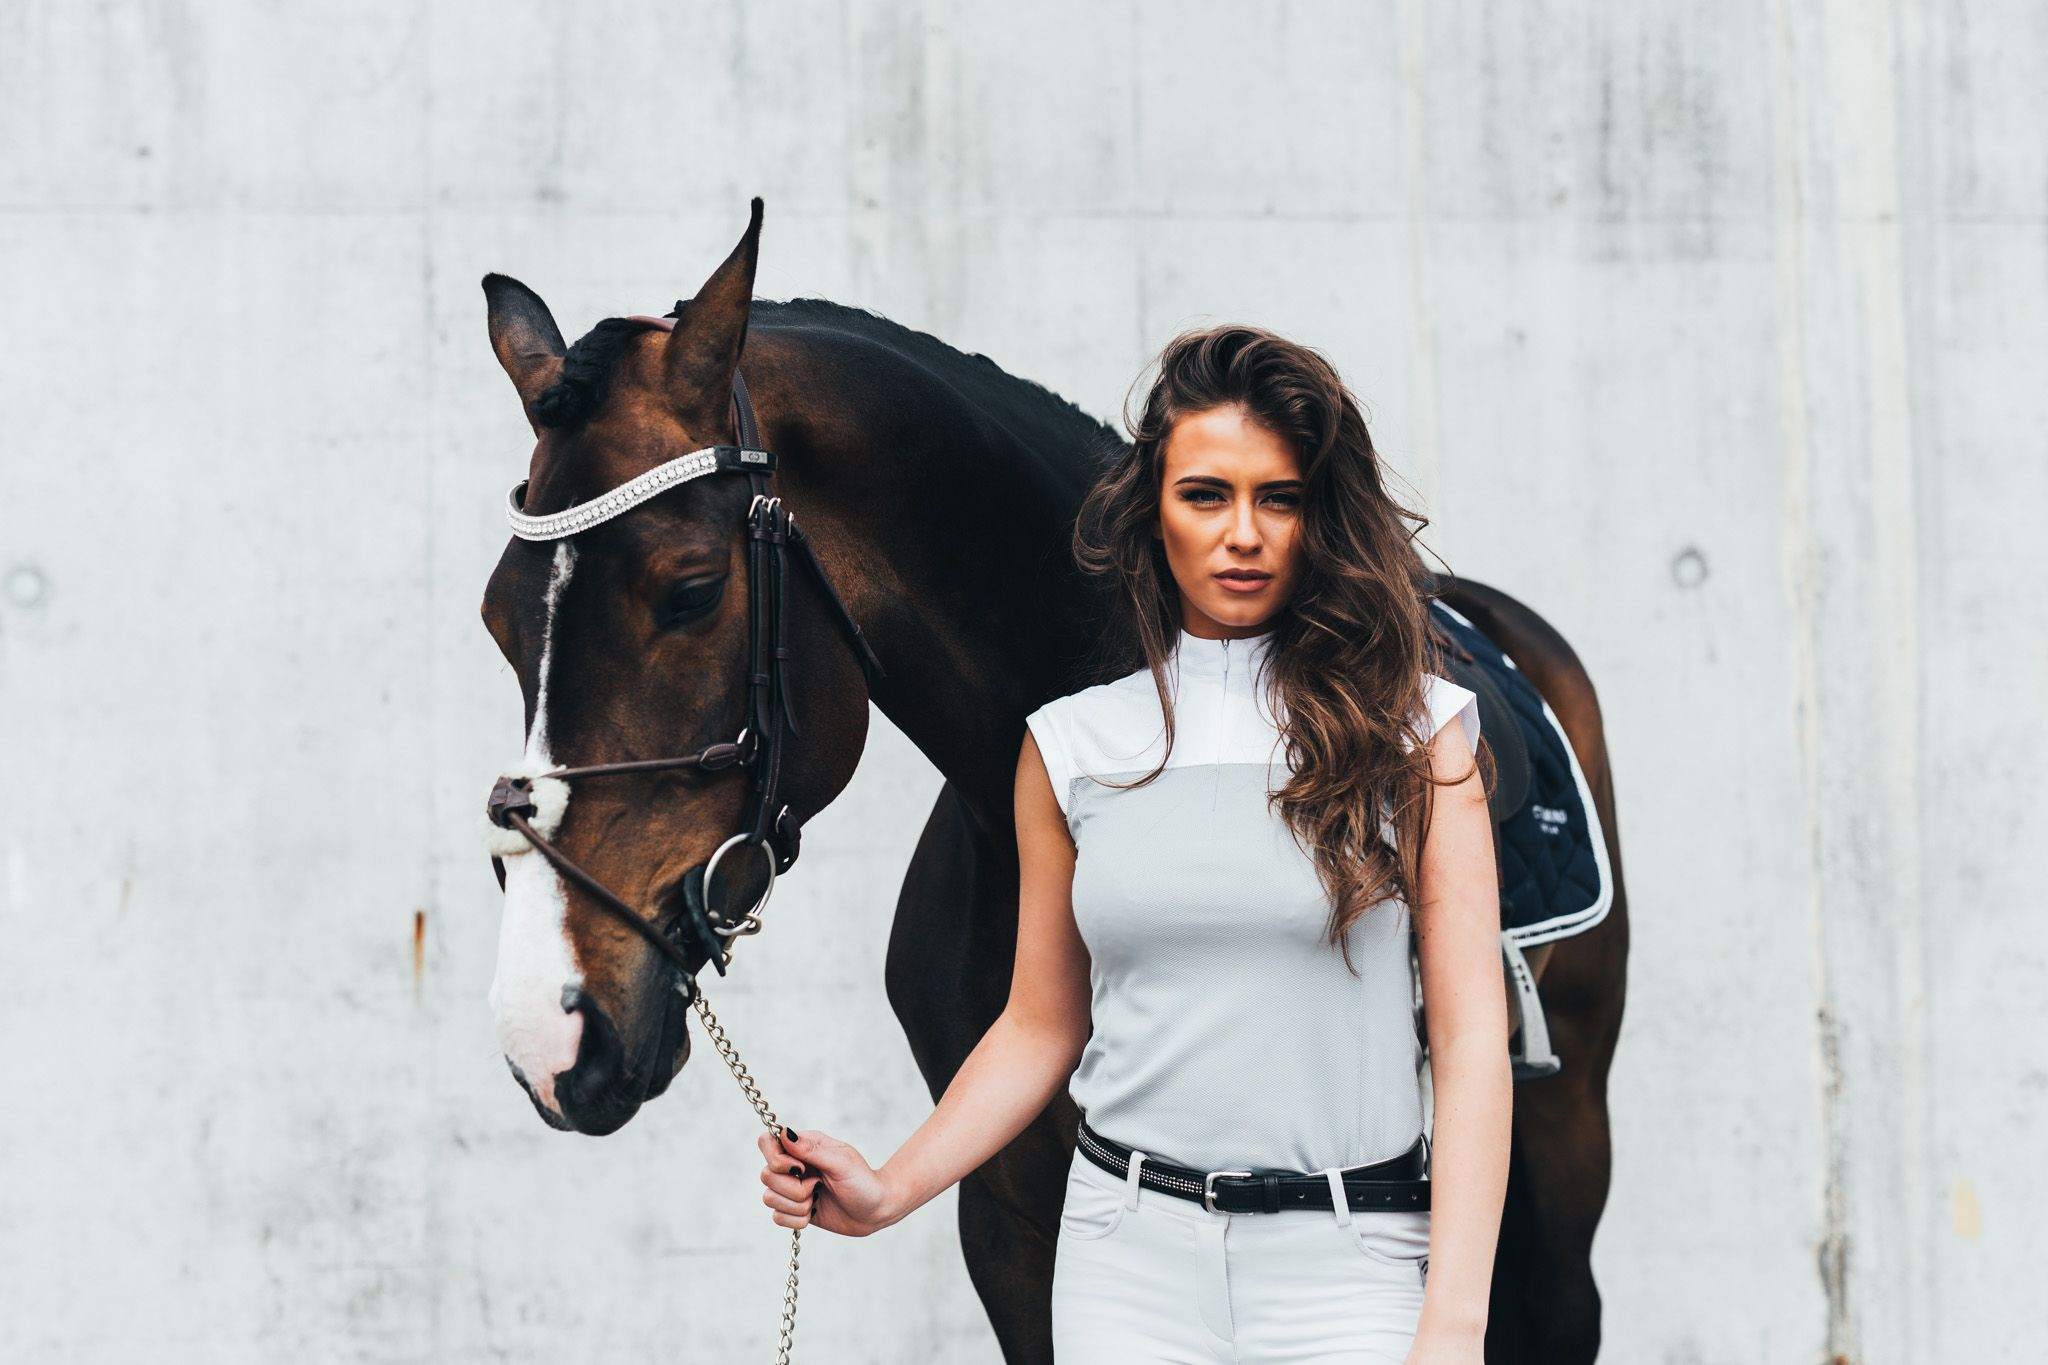 Equestrian Fashion Aztec Diamond La Culotte De Cheval